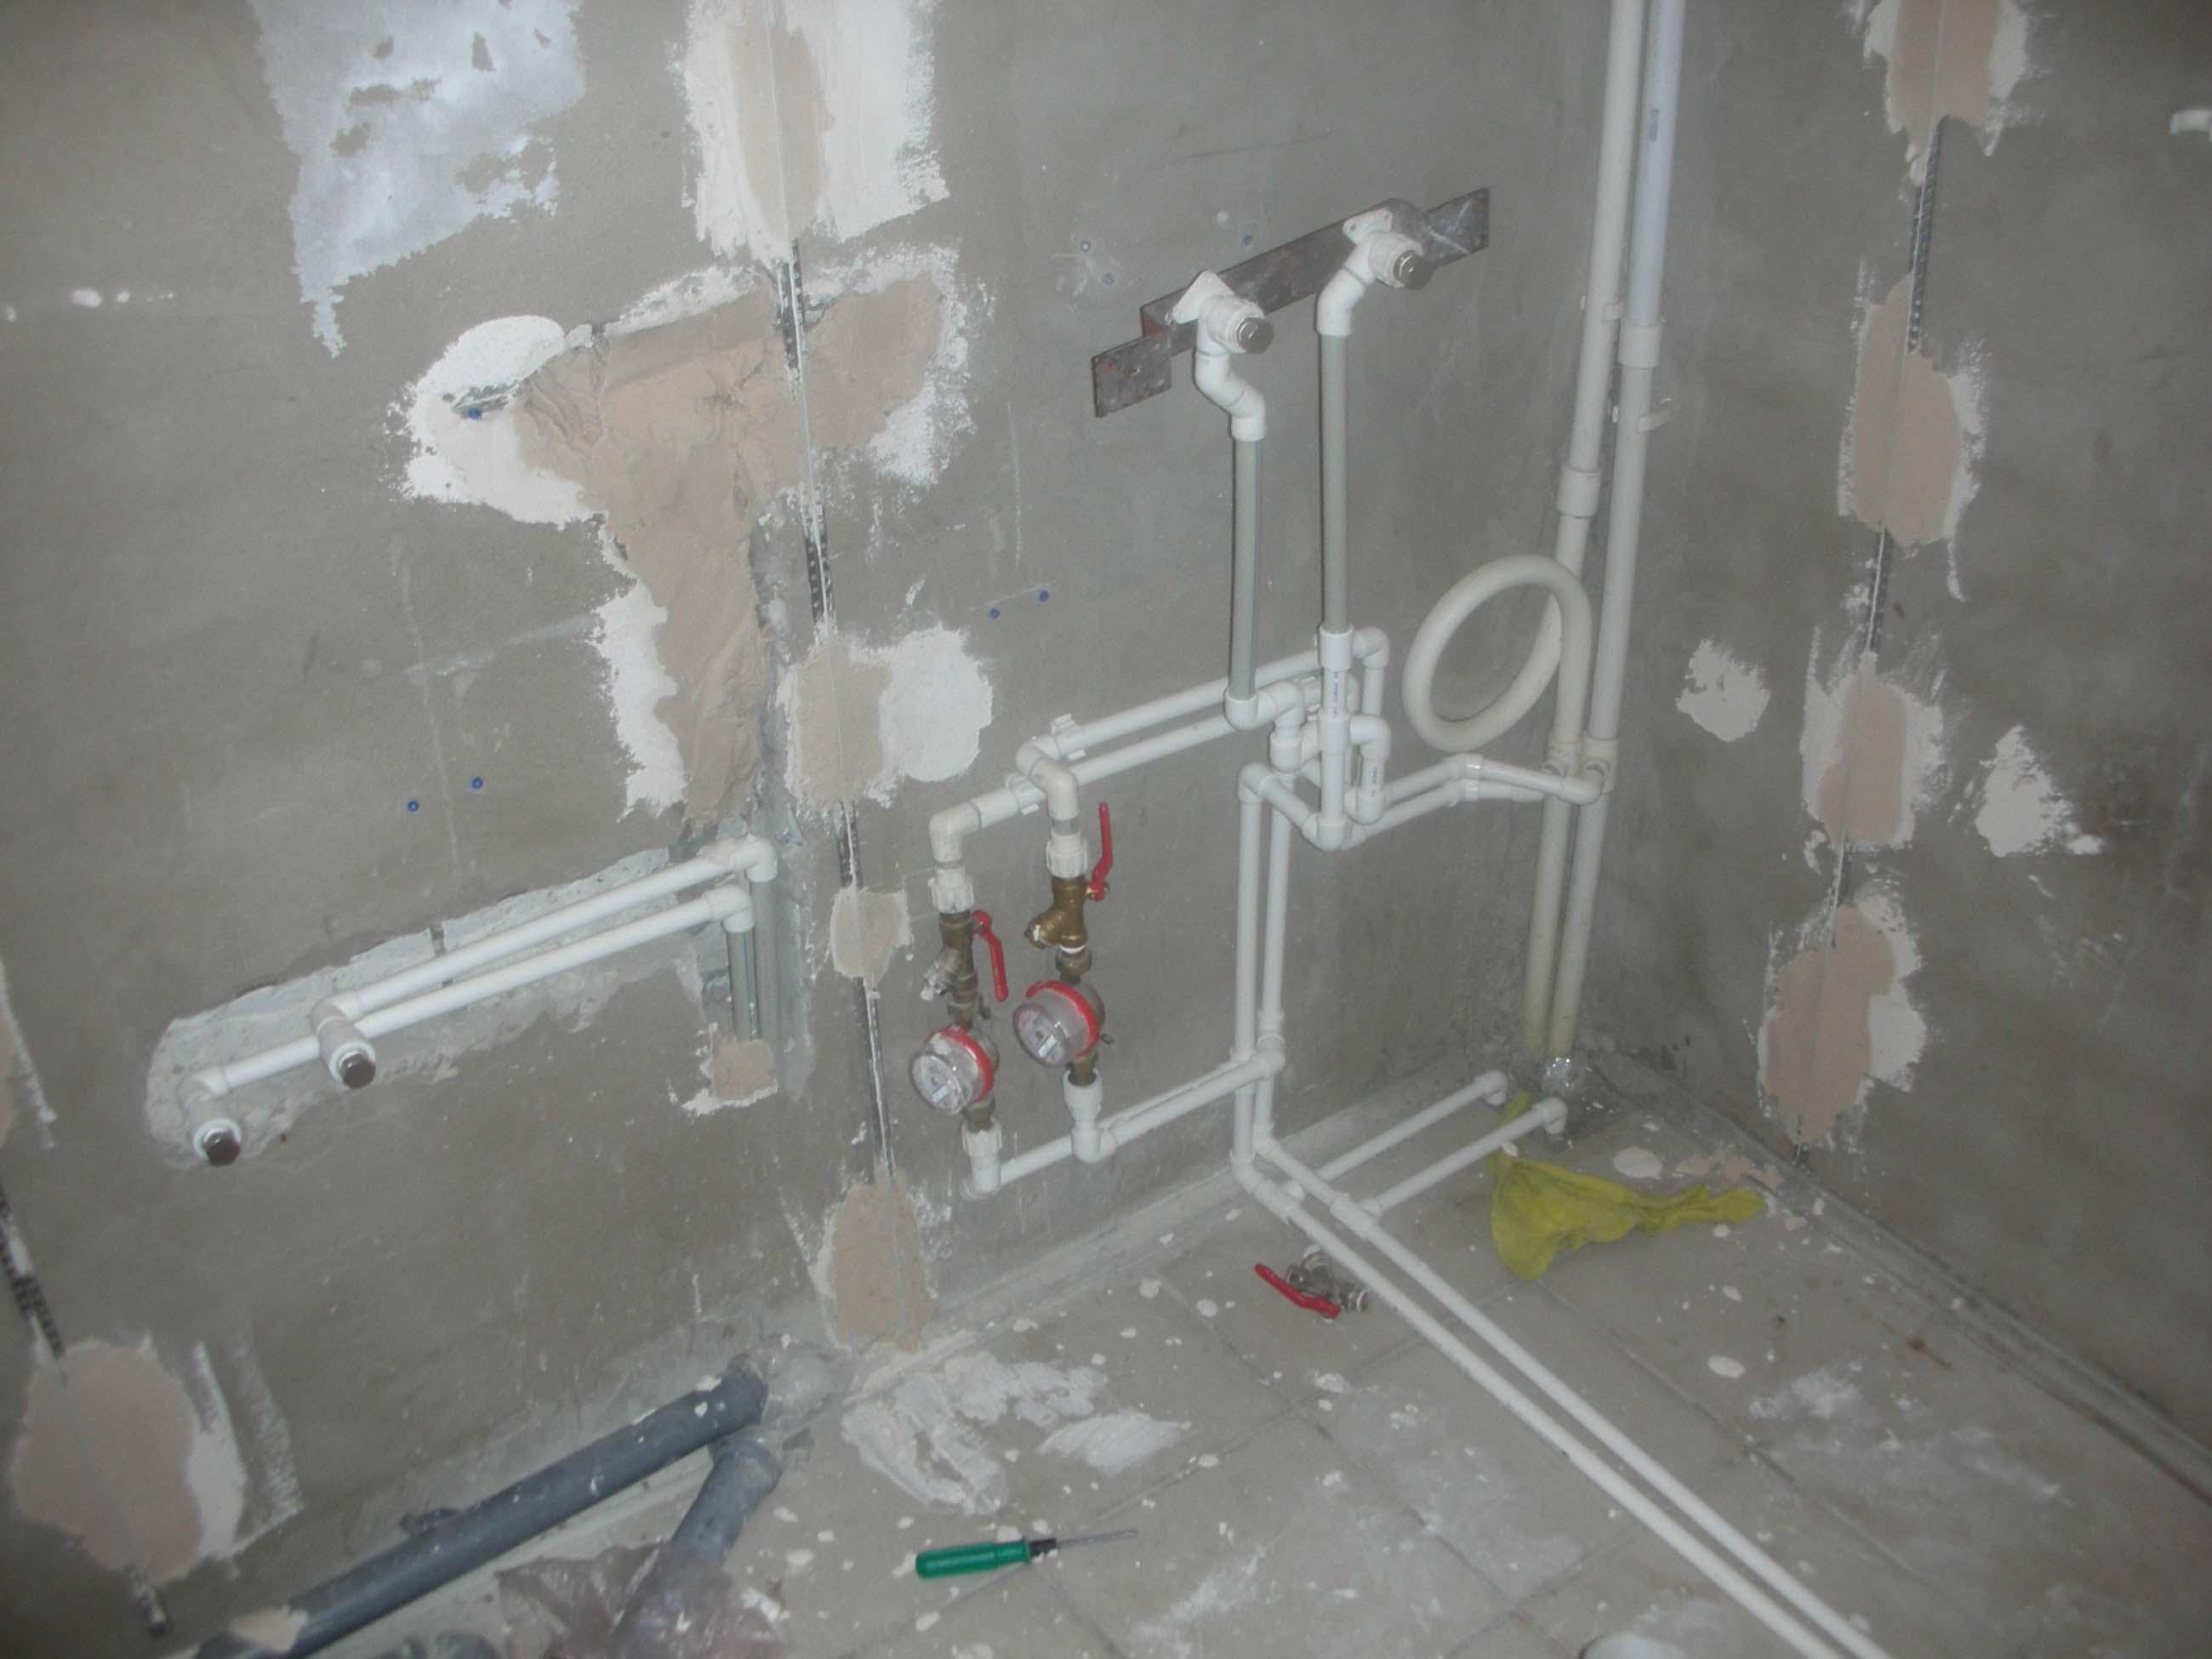 монтаж пластиковых труб в ванной